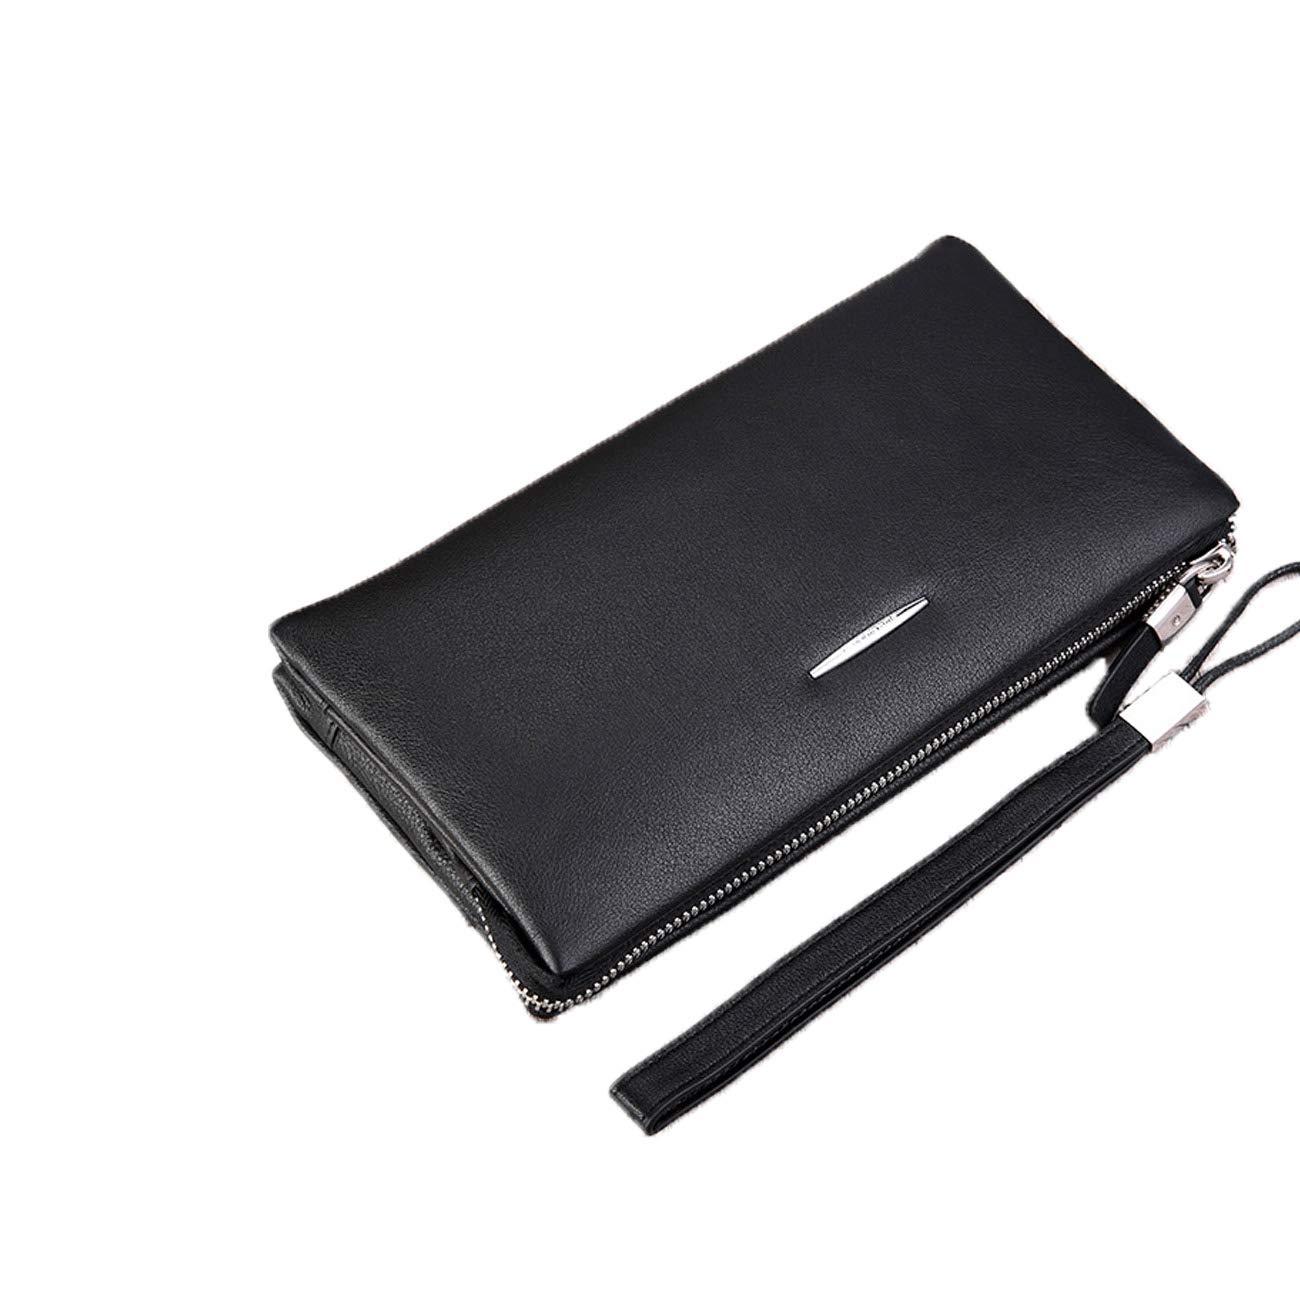 Hengtongtongxun メンズ ビンテージ 本革 長財布 二つ折り財布 レザー RFIDブロック 二つ折り財布 ジッパー付き 最高のギフト素材 ミニマリストデザイン (カラー:ブラック) B07PWW4QMP